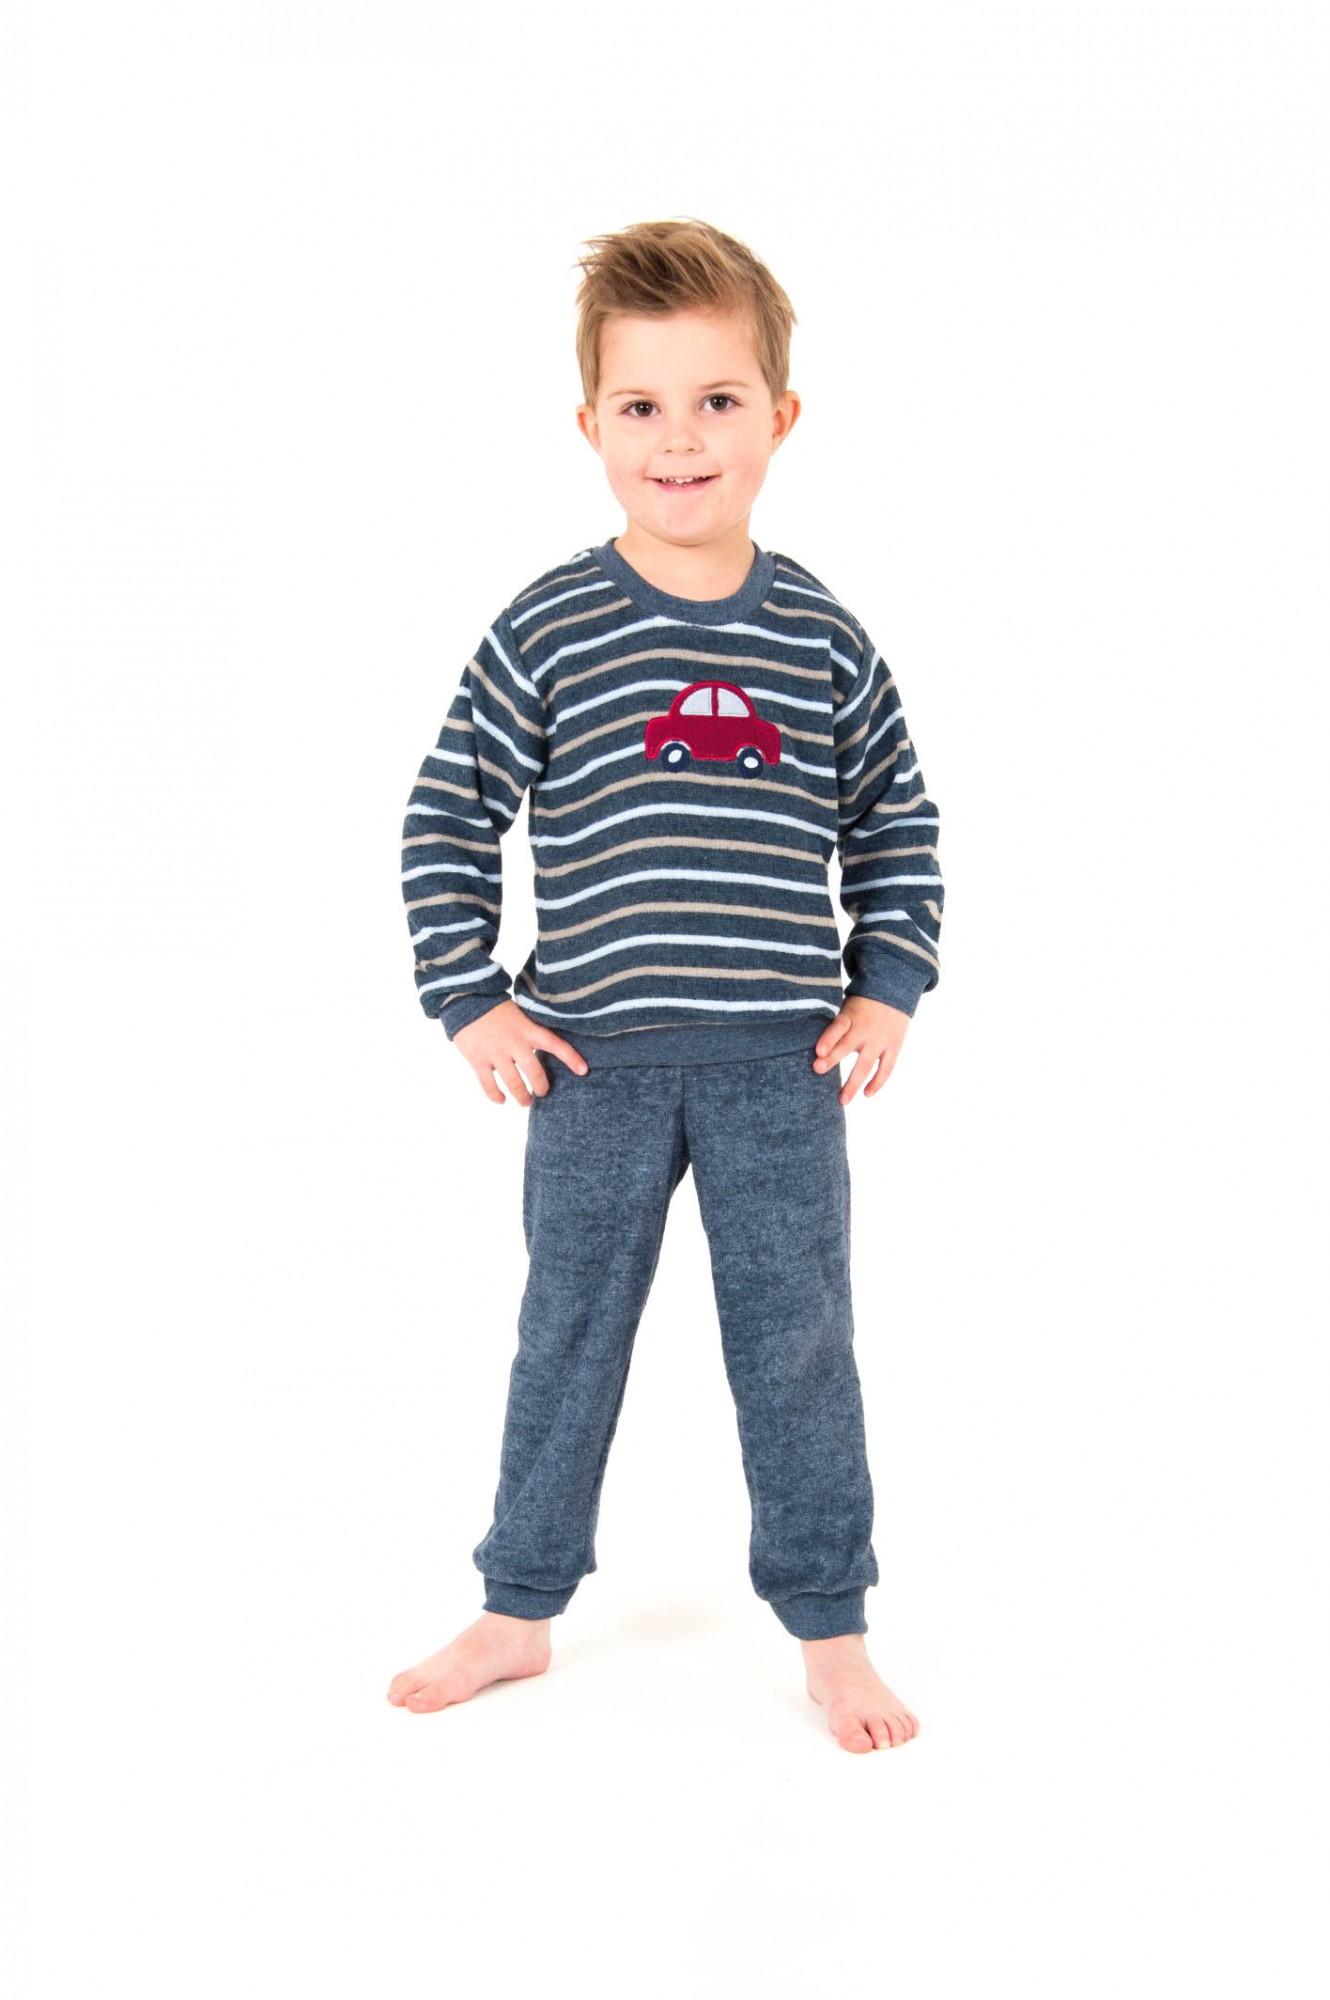 Jungen Frottee Pyjama mit Bündchen - langarm – Grössen 86 bis 110 – 251 801 93 101 – Bild 1